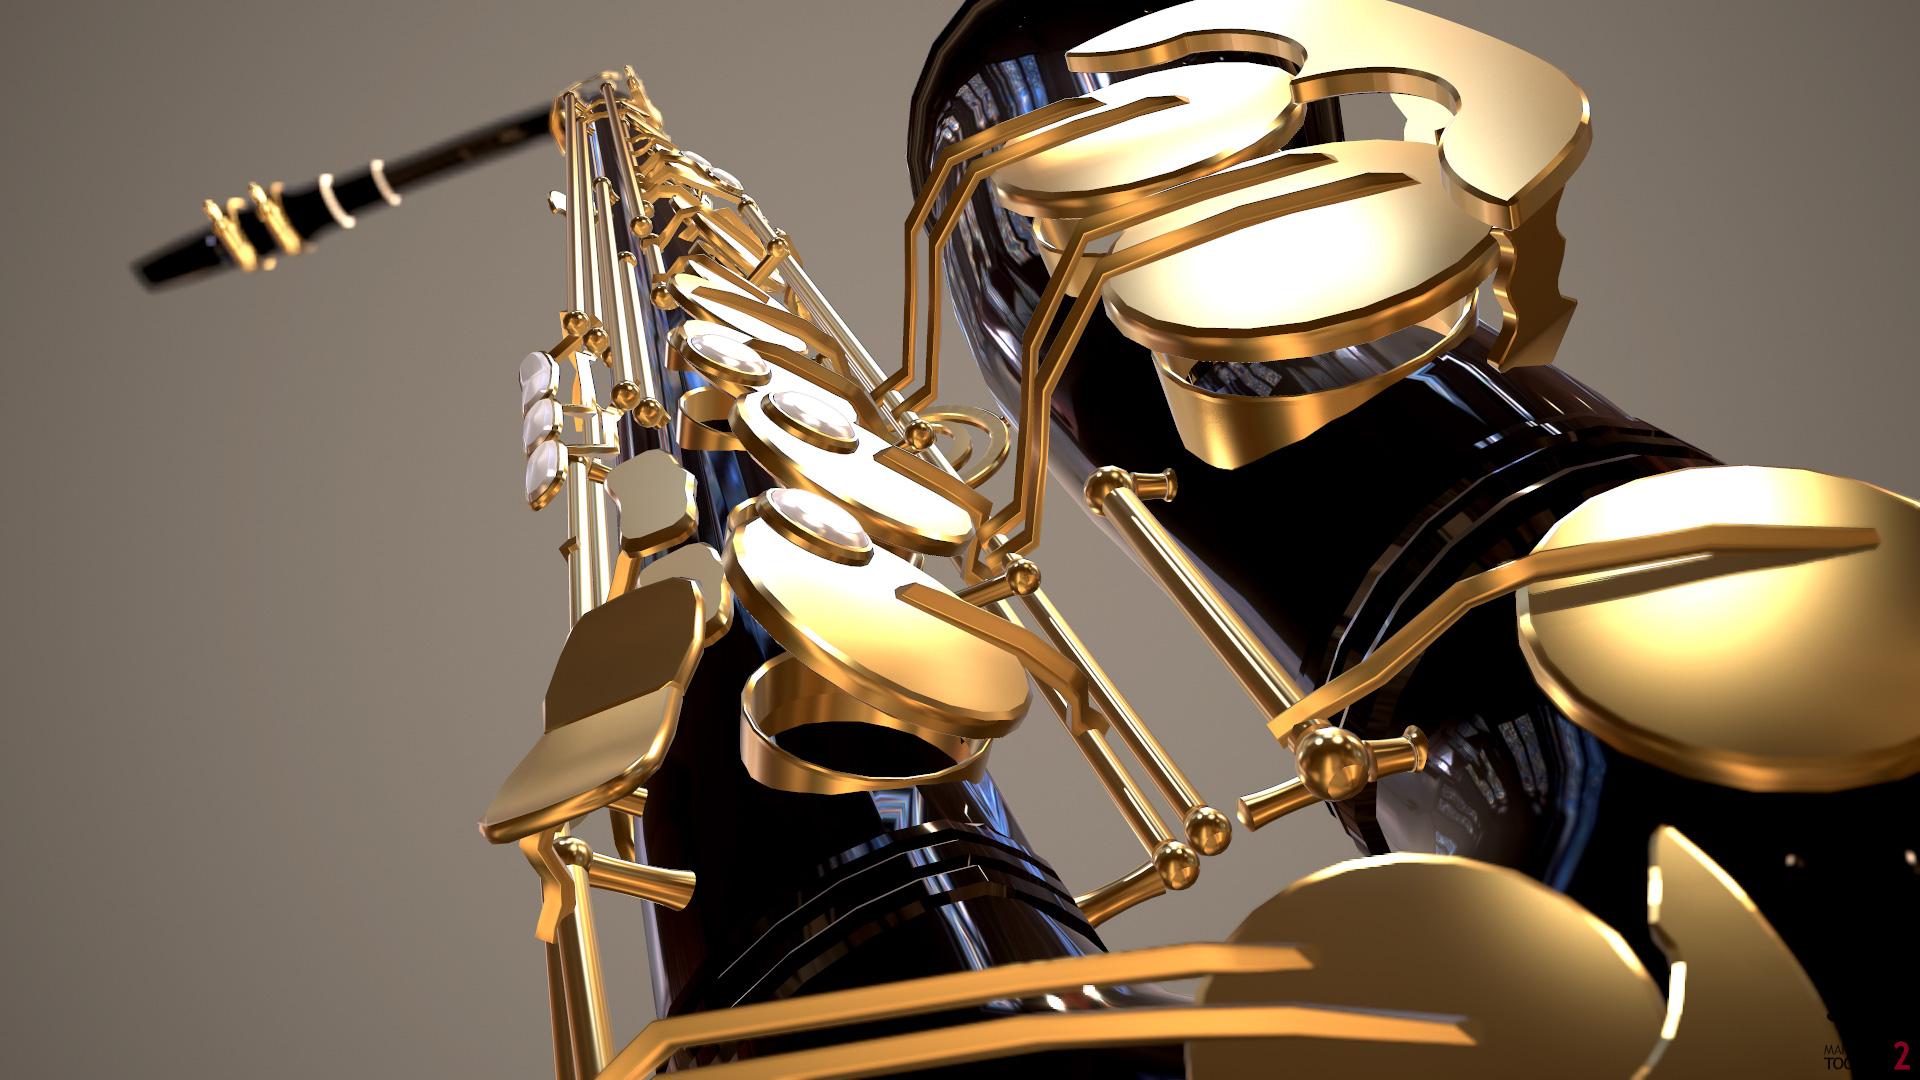 alto saxophone wallpaper blue saxophone wallpaper alto saxophone 1920x1080